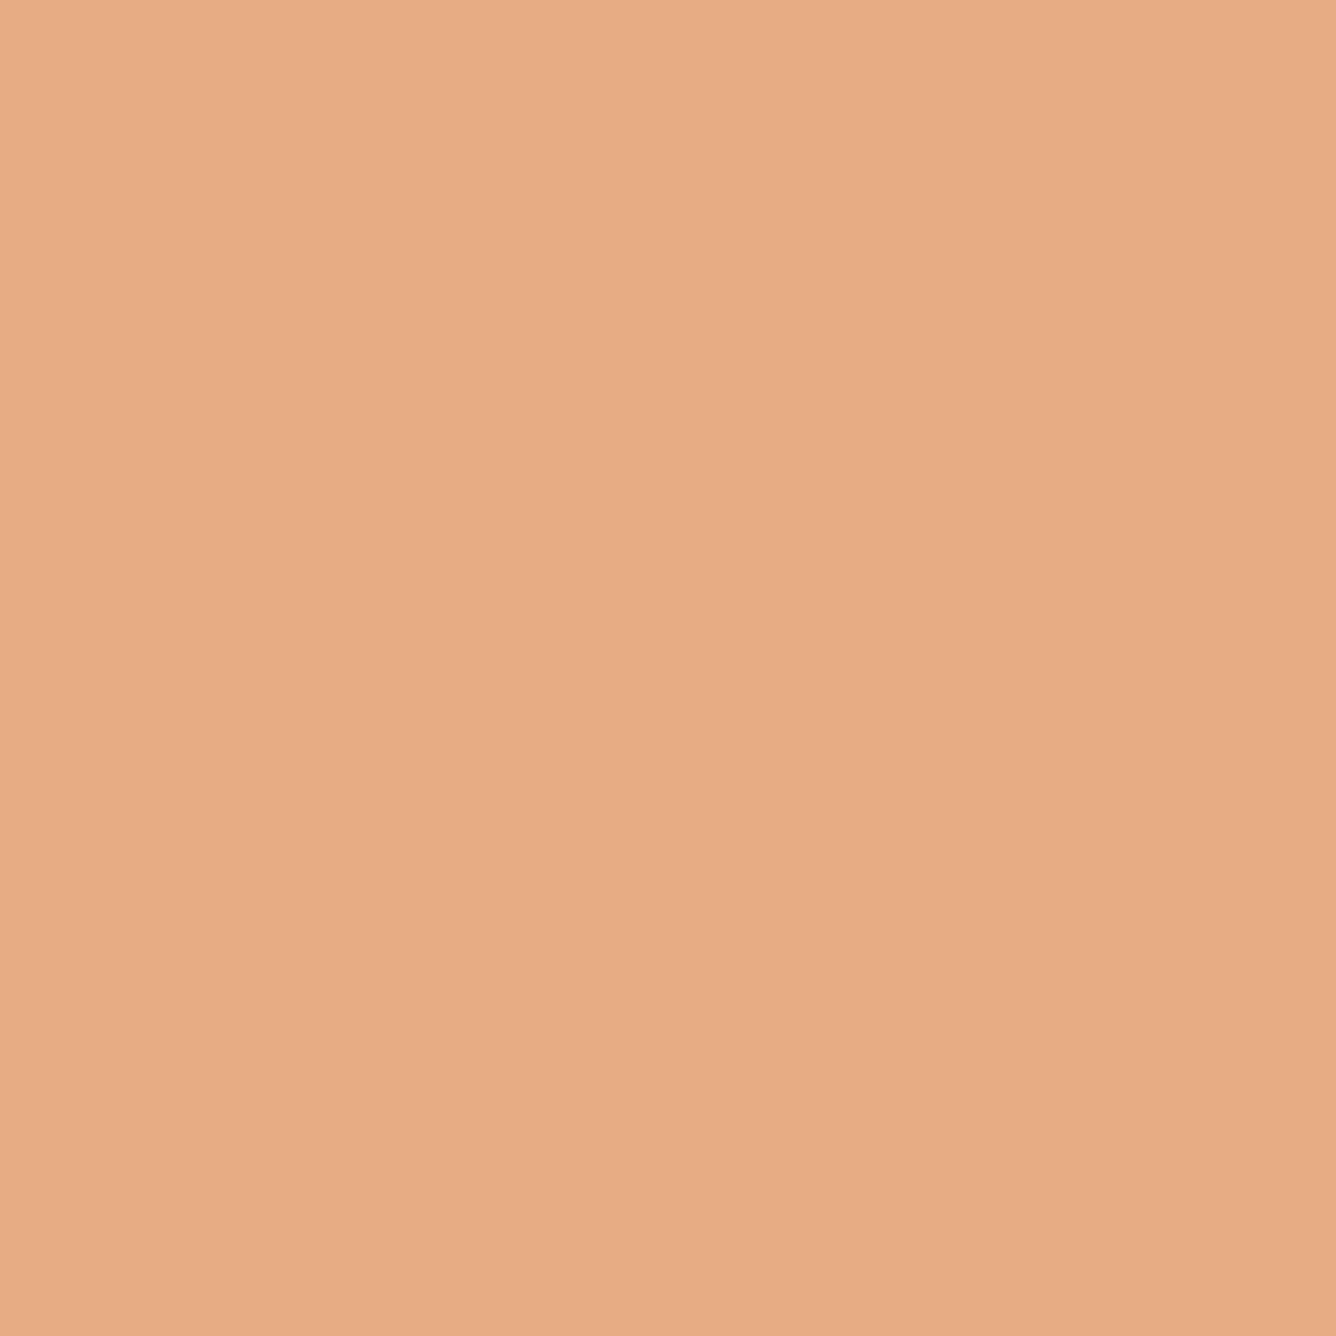 広範囲ブースト松の木SANMIMORE(サンミモレ化粧品) UVパクト 56号ライトピンク (レフィル 替パフ付)